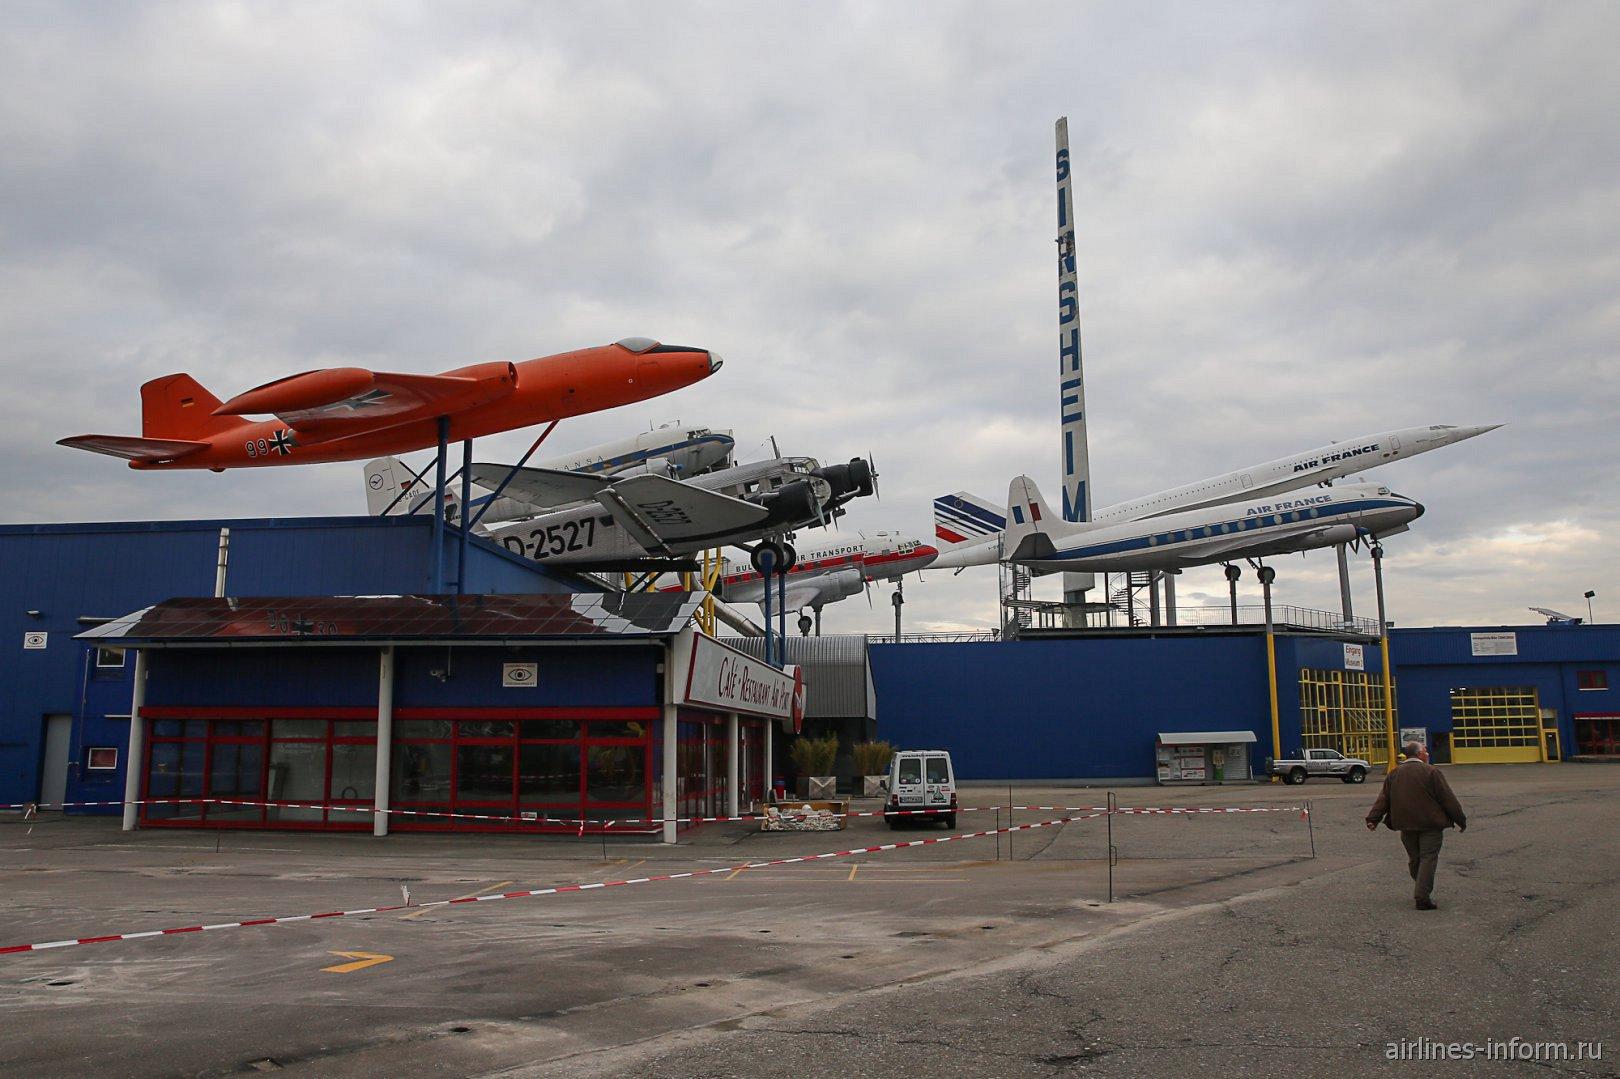 Самолеты в музее техники в Зинсхайме